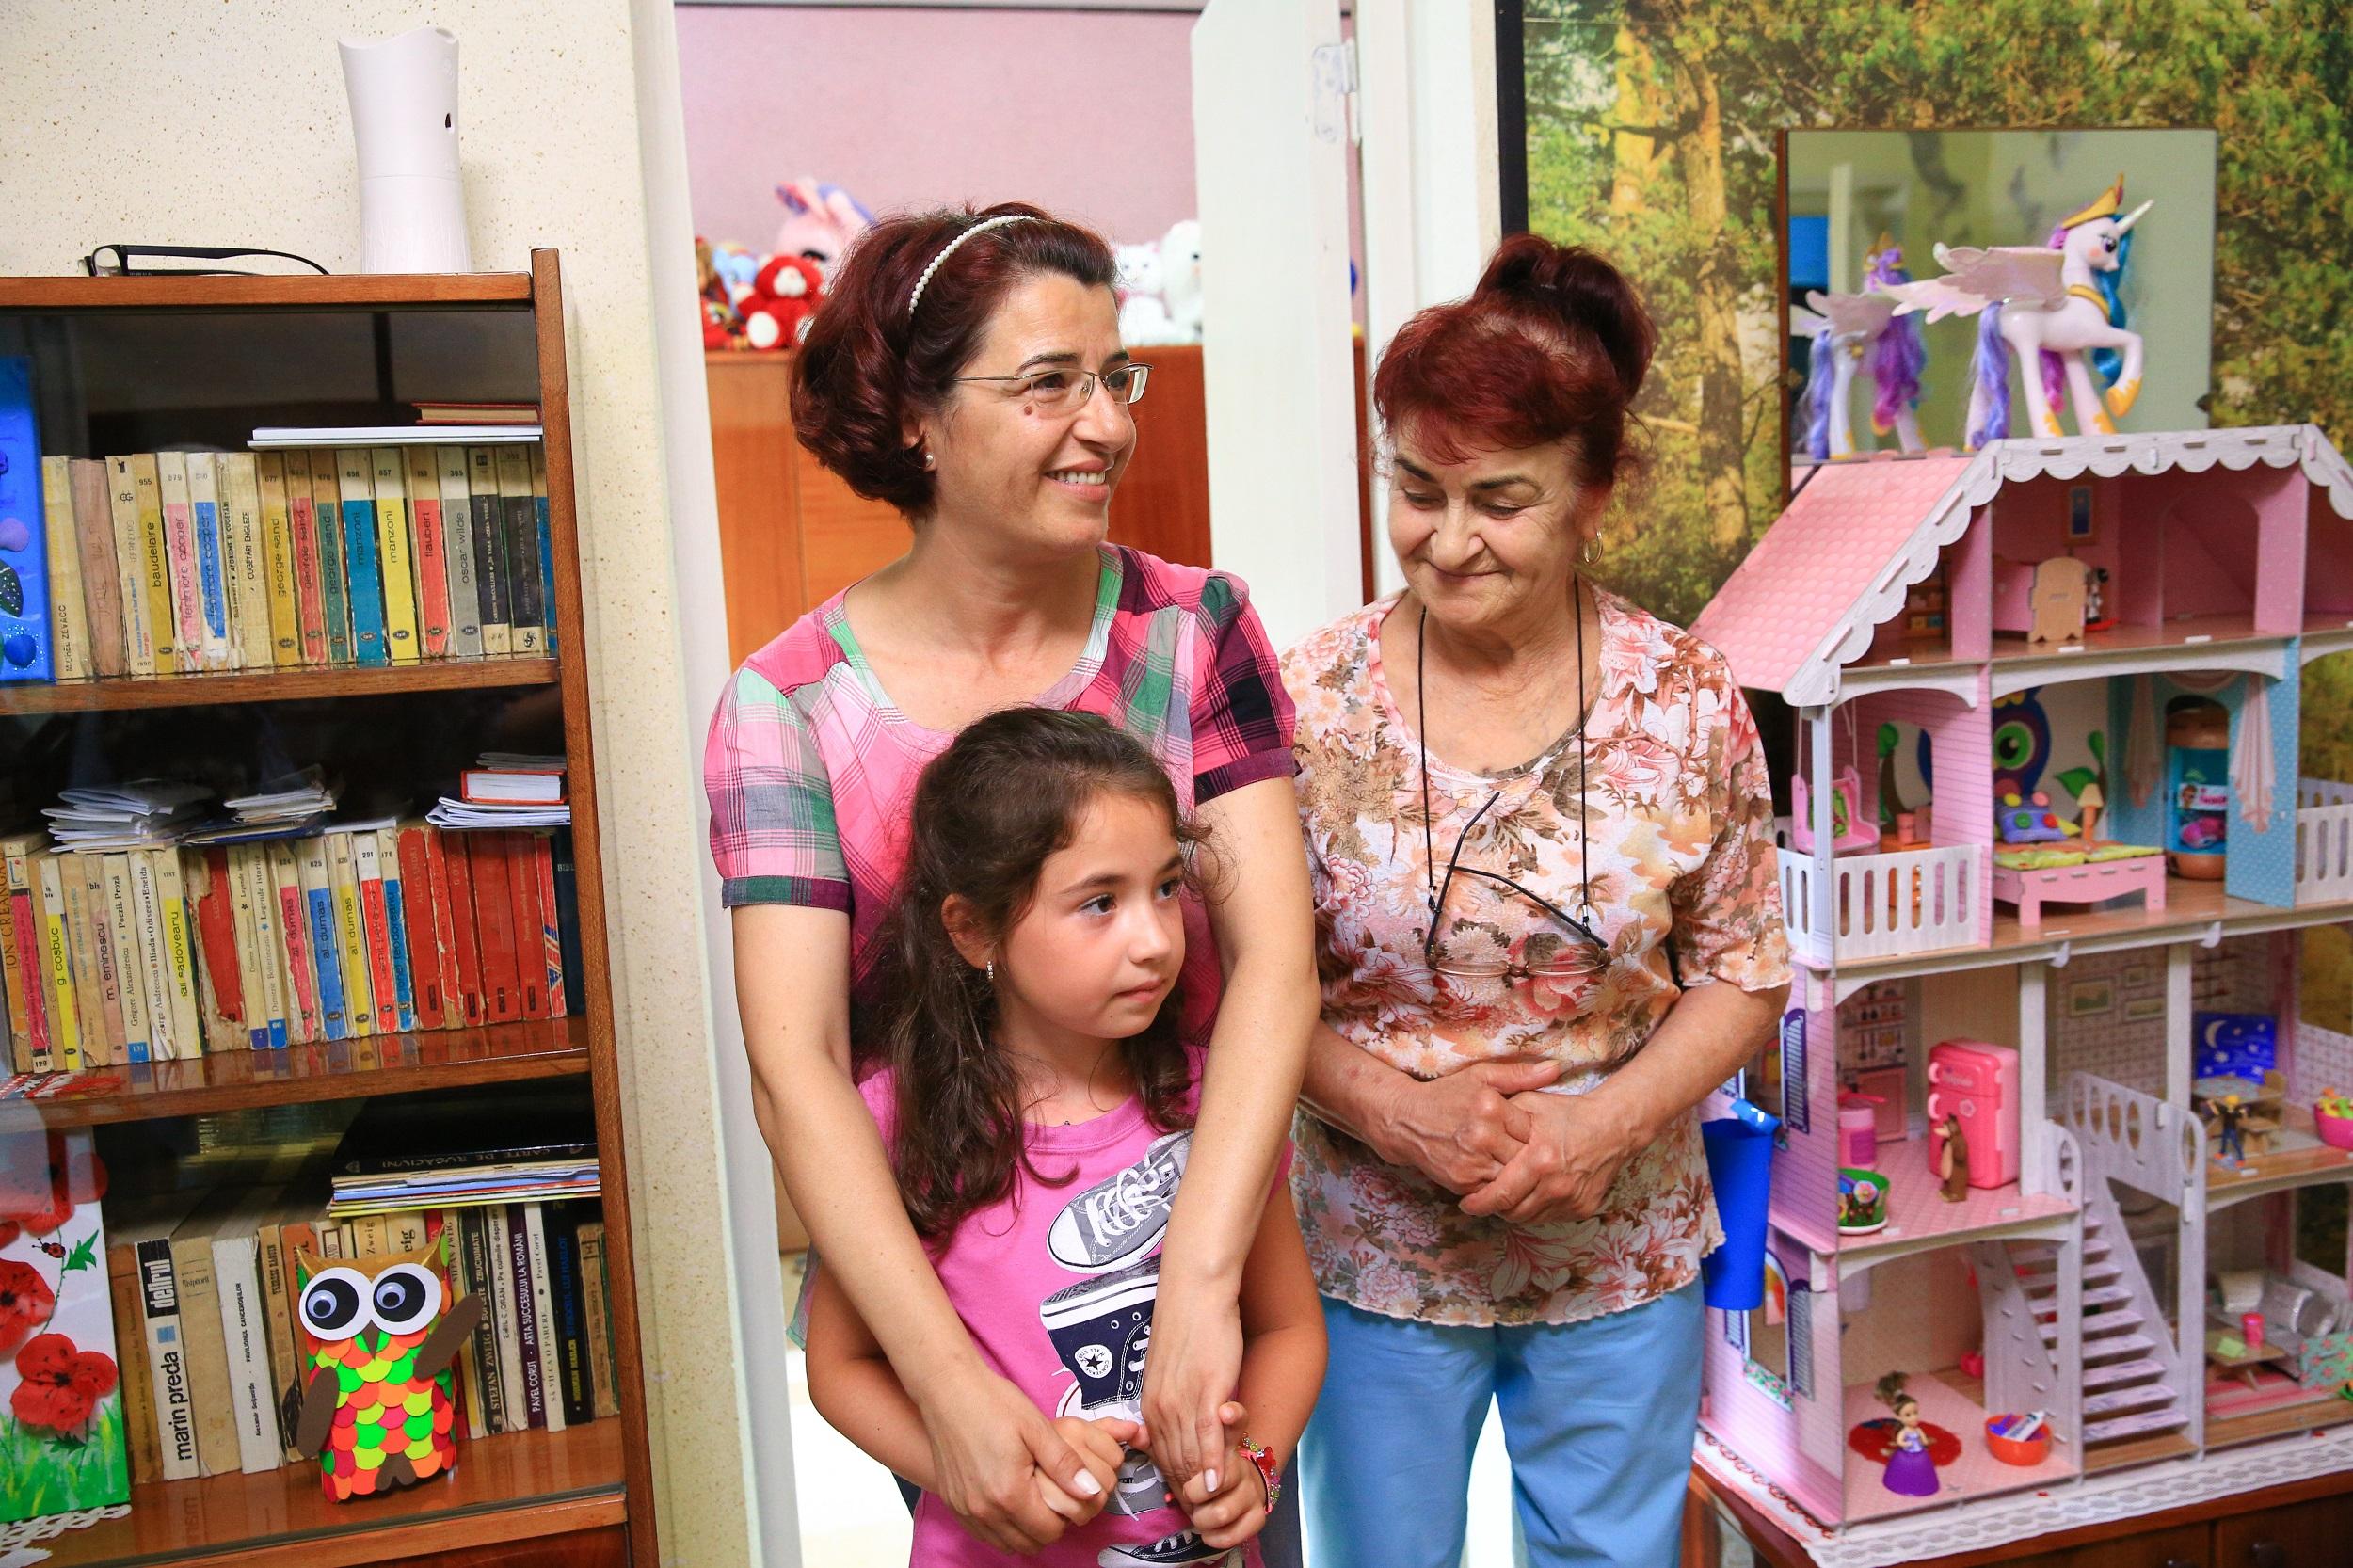 """Dragoș Bucur și colegii lui, impresionați de o fetiță de 8 ani """"Mi-ar plăcea ca mami și tati să fie împreună"""""""